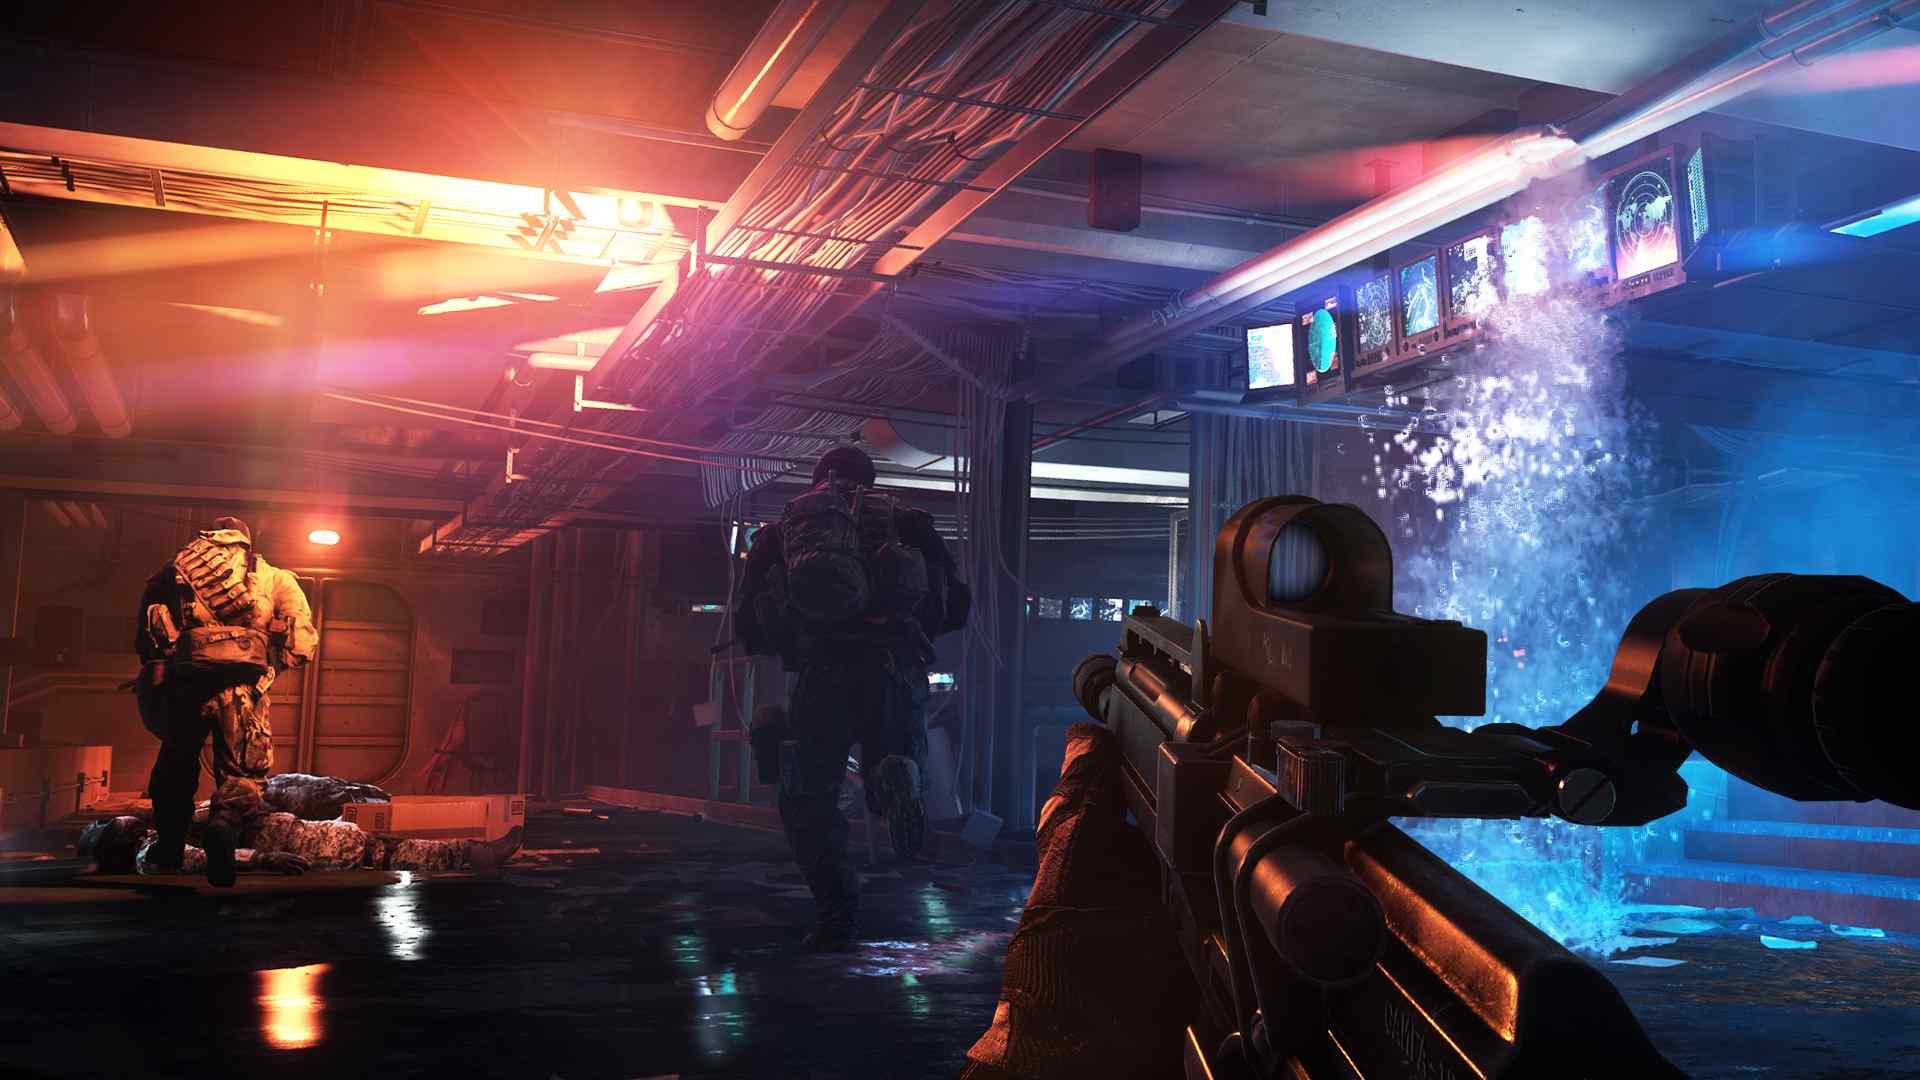 Battlefield 4 Screenshot 1